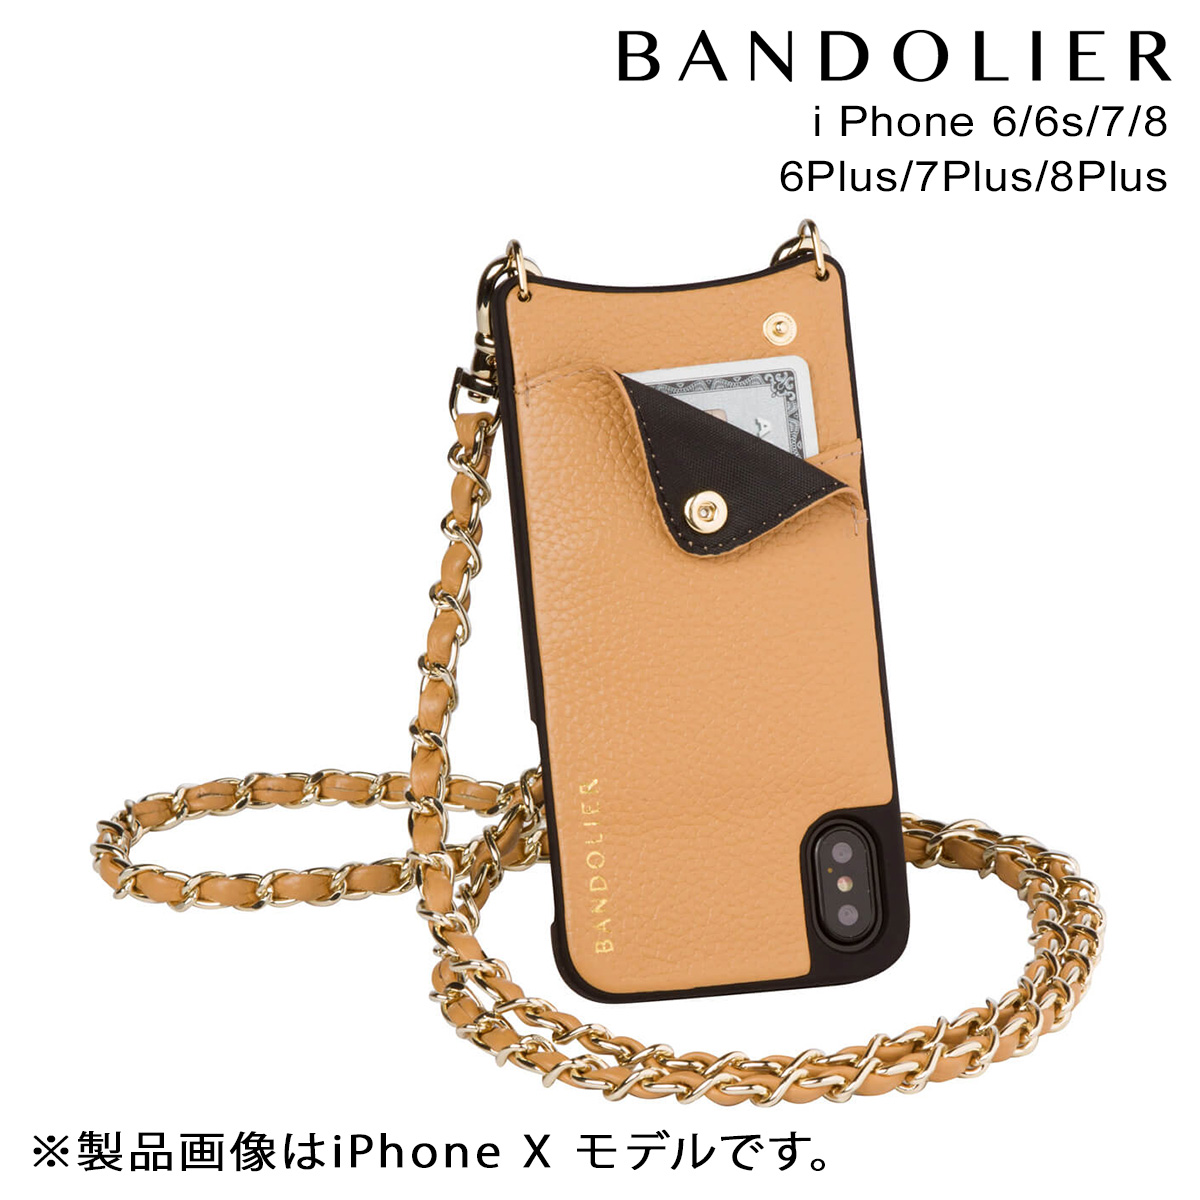 【最大2000円OFFクーポン】 BANDOLIER バンドリヤー iPhone8 iPhone7 7Plus 6s ケース スマホ アイフォン プラス LUCY GOLDENROD メンズ レディース